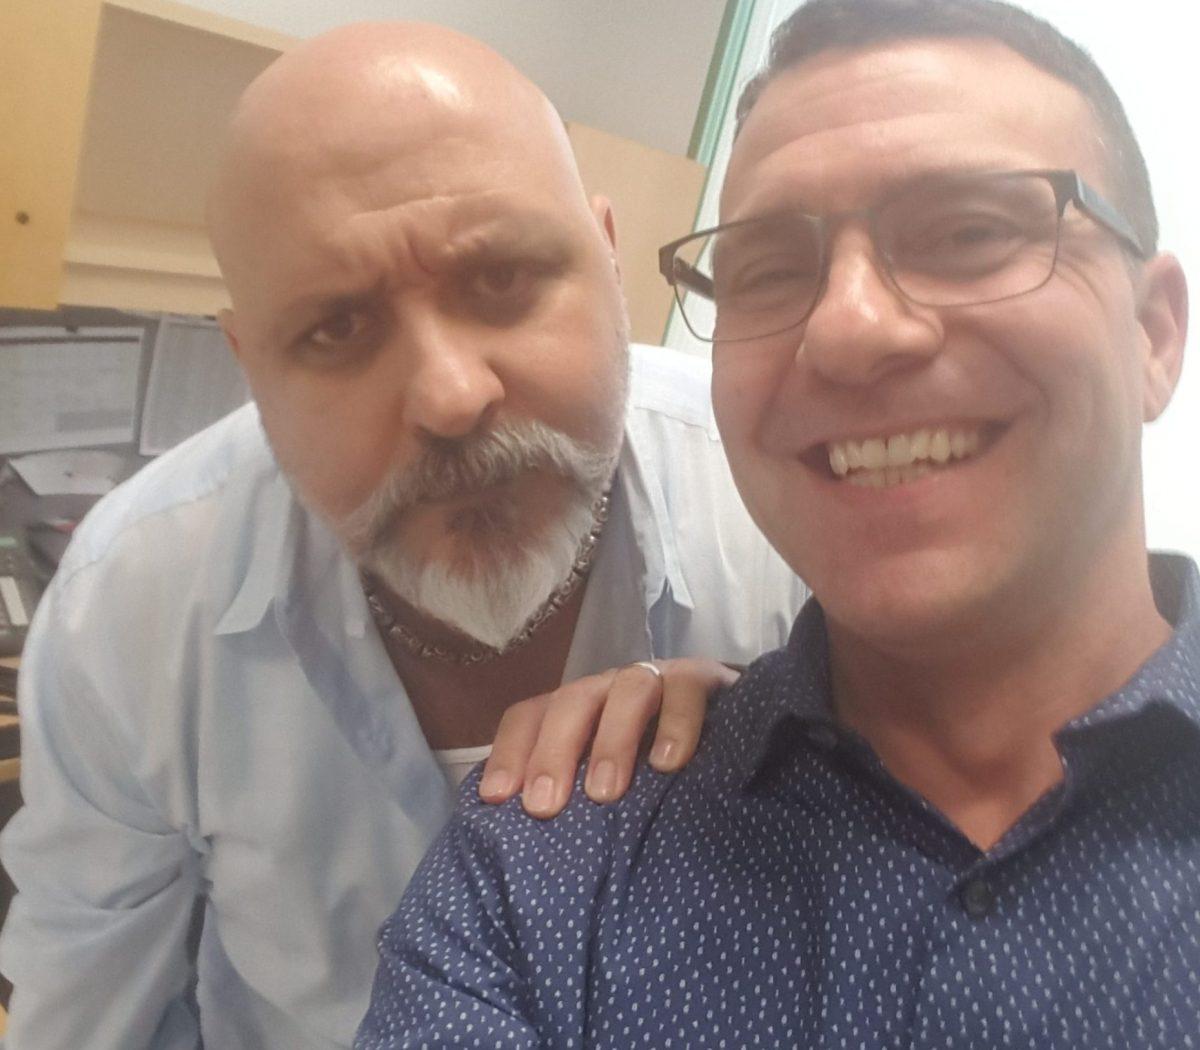 Neil Saavedra and Tom Smith